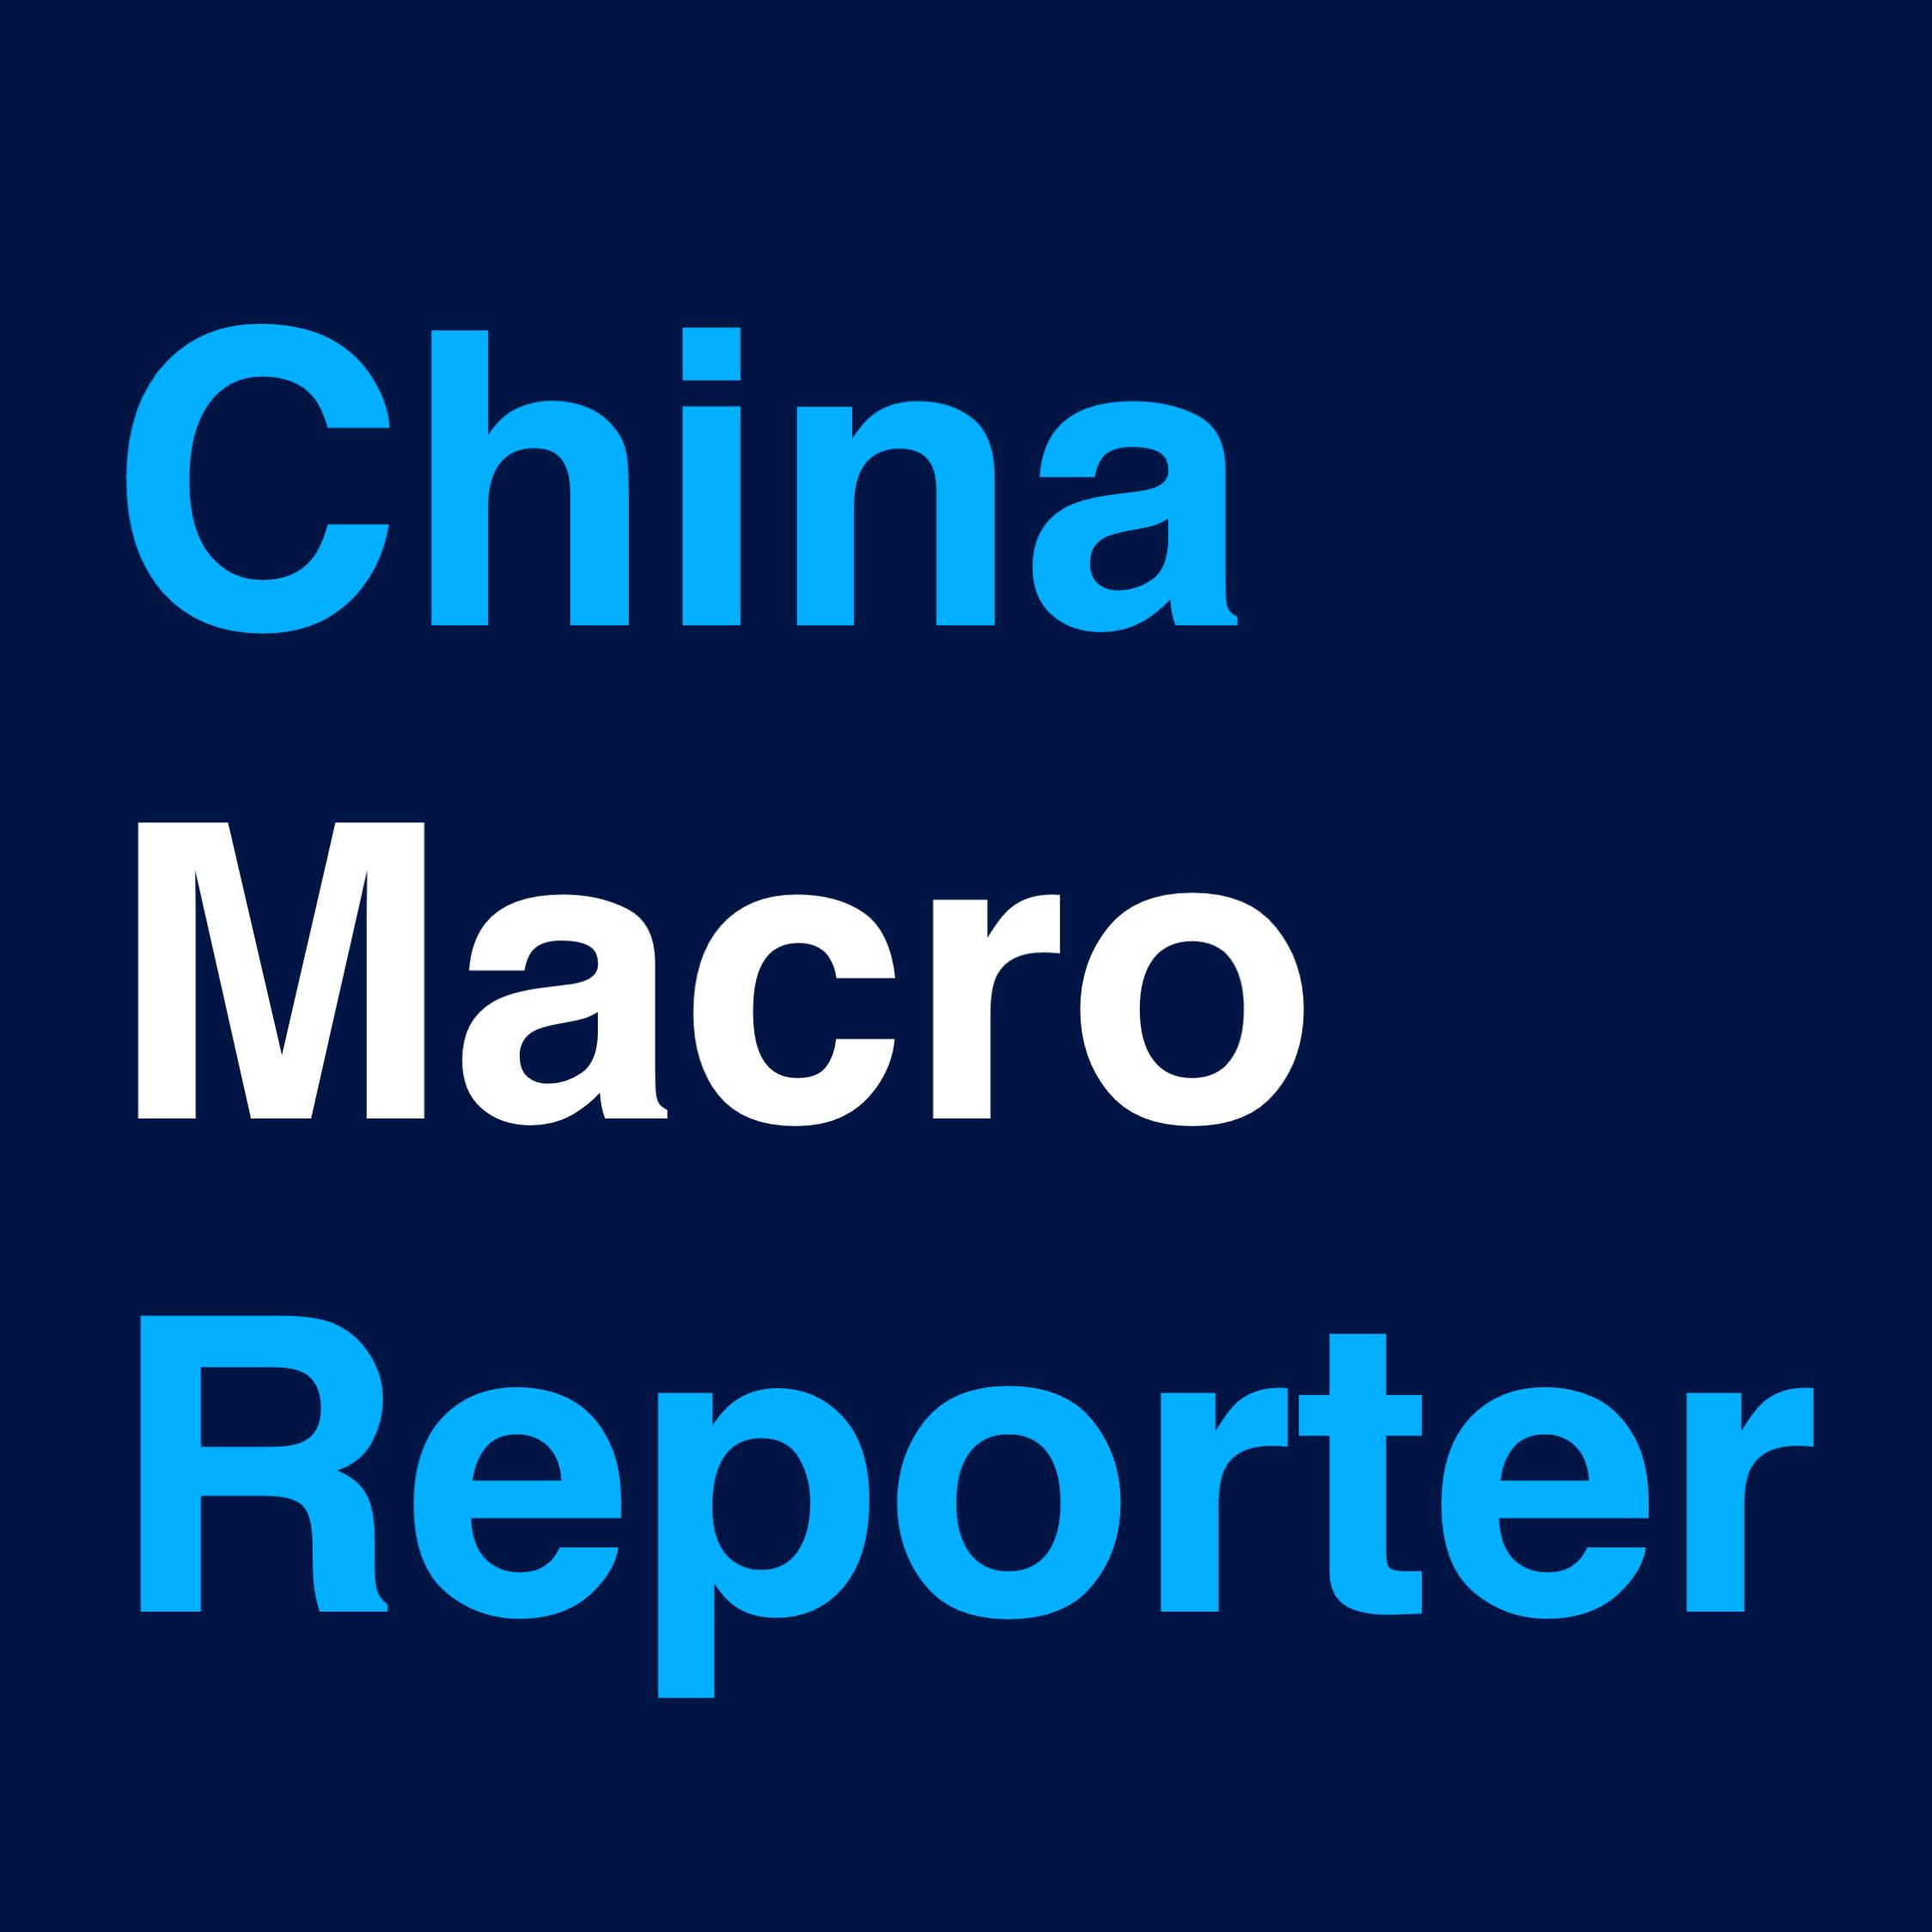 China Macro Reporter